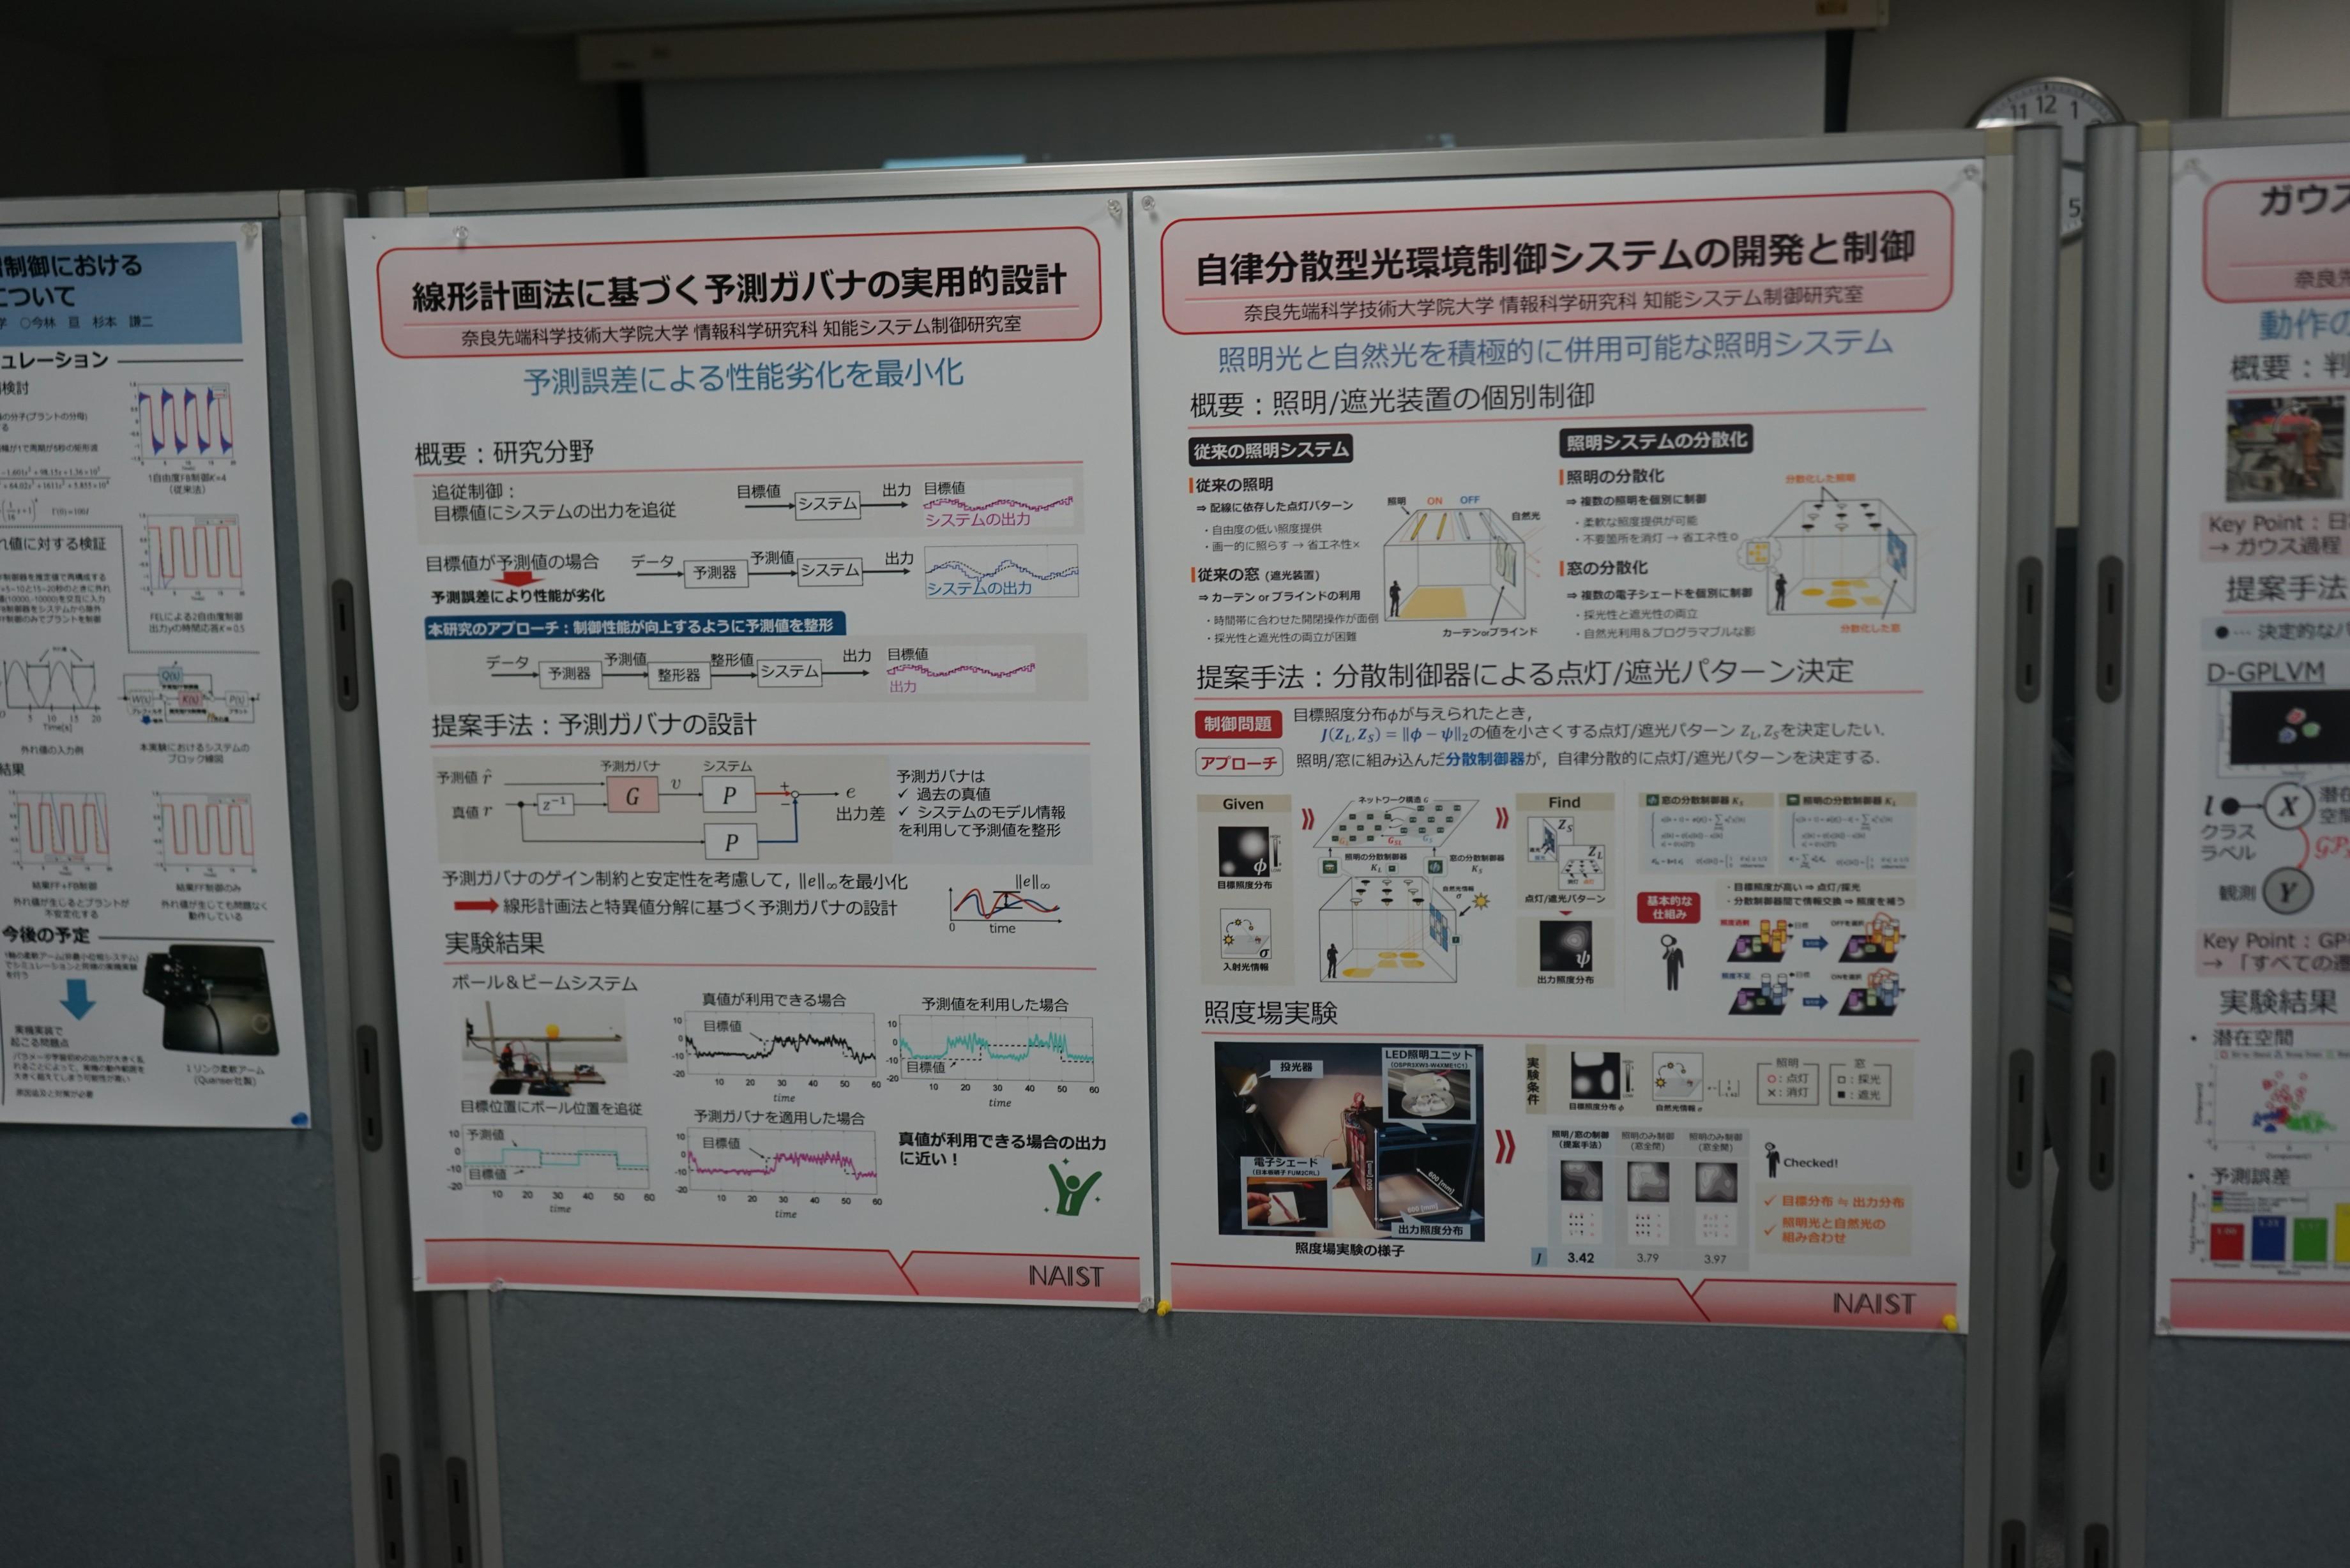 ロボットの制御に関する研究があります。